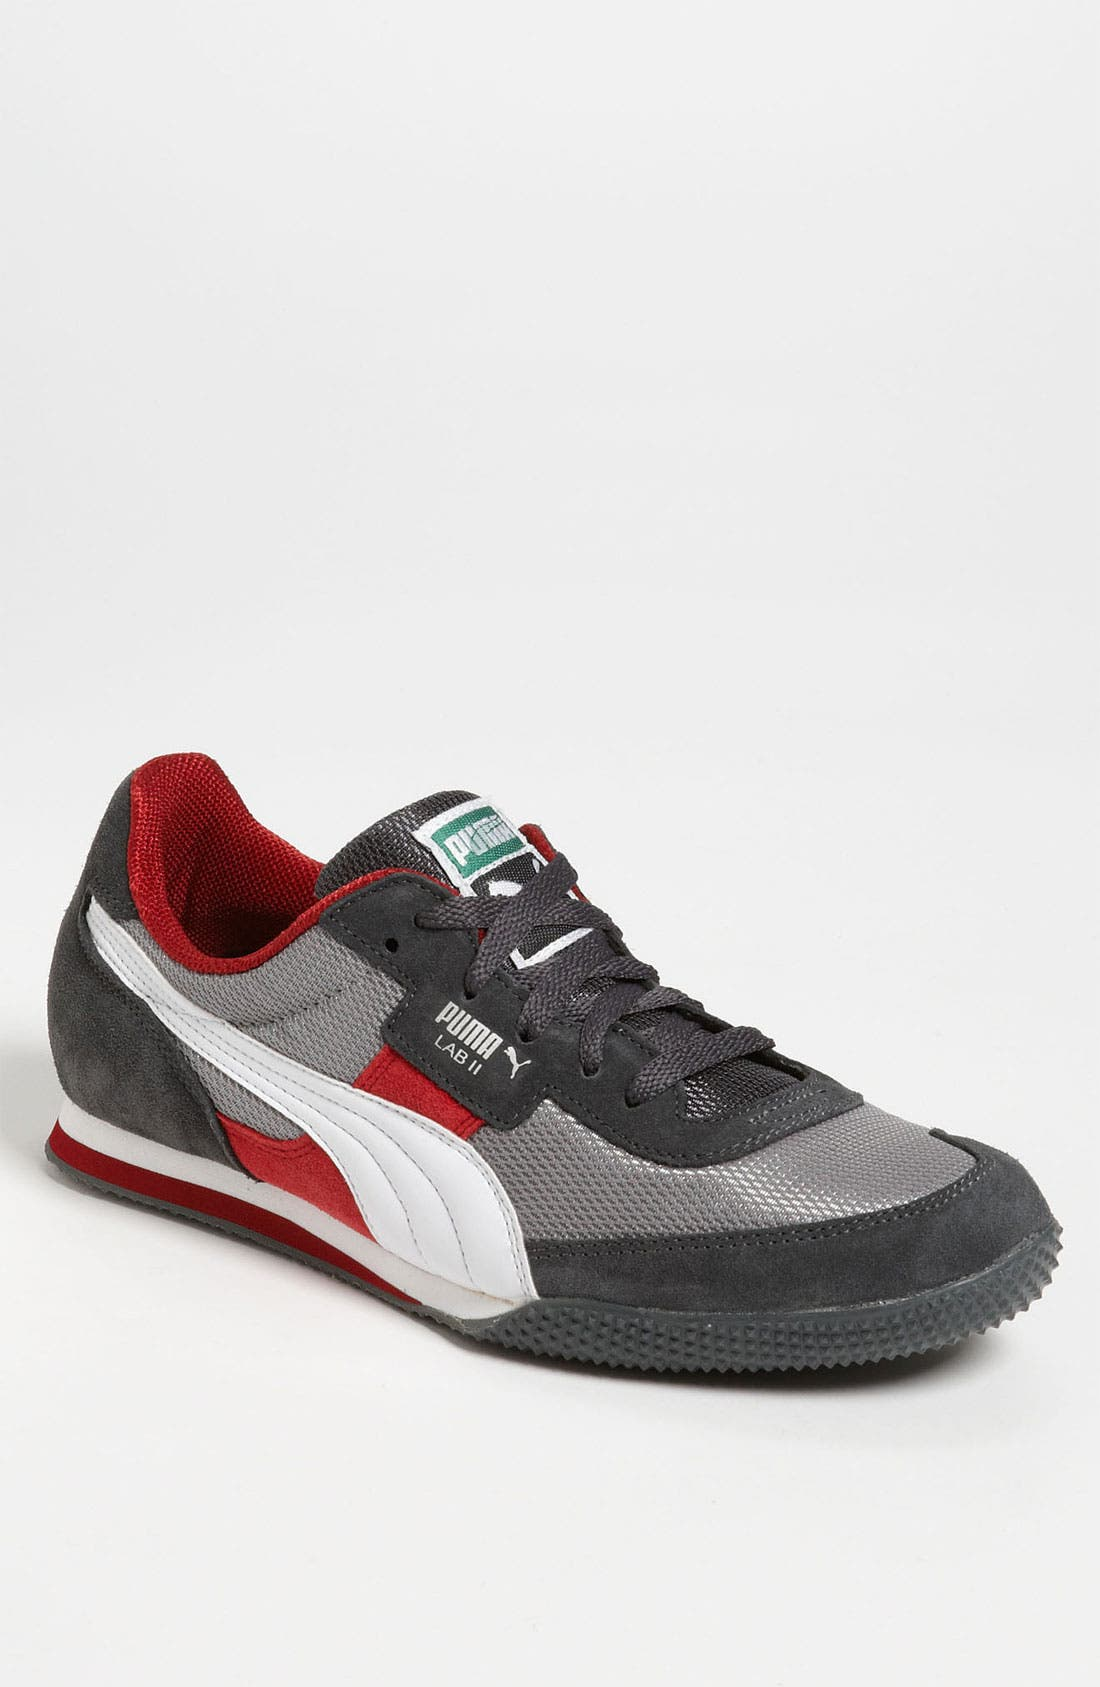 Alternate Image 1 Selected - PUMA 'Lab II FB' Sneaker (Men)